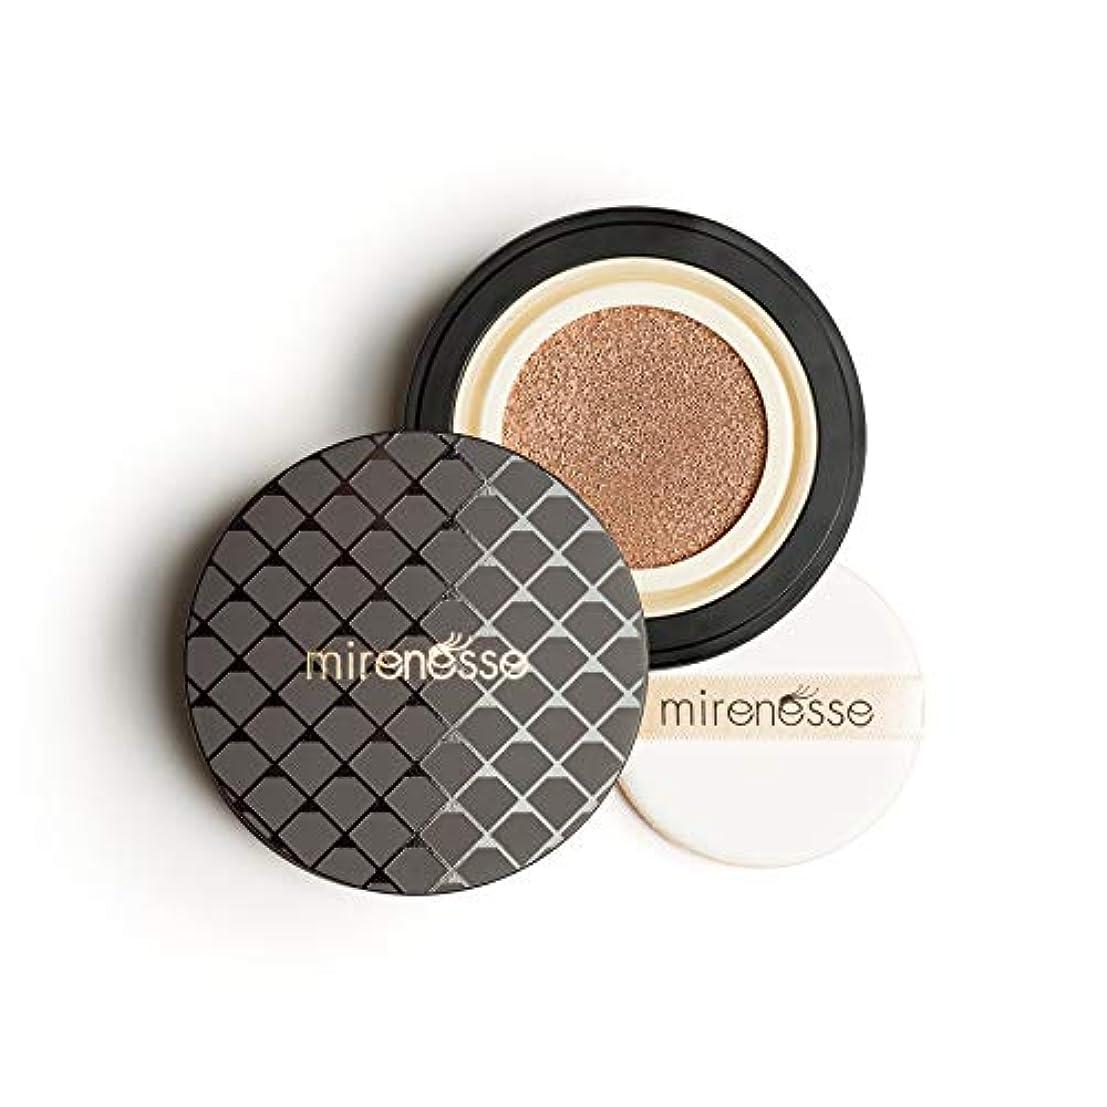 武器振る舞い音楽家Mirenesse Cosmetics 10 Collagen Cushion Foundation Compact Airbrush Liquid Powder SPF25 PA++ 15g/0.52oz - Shade...